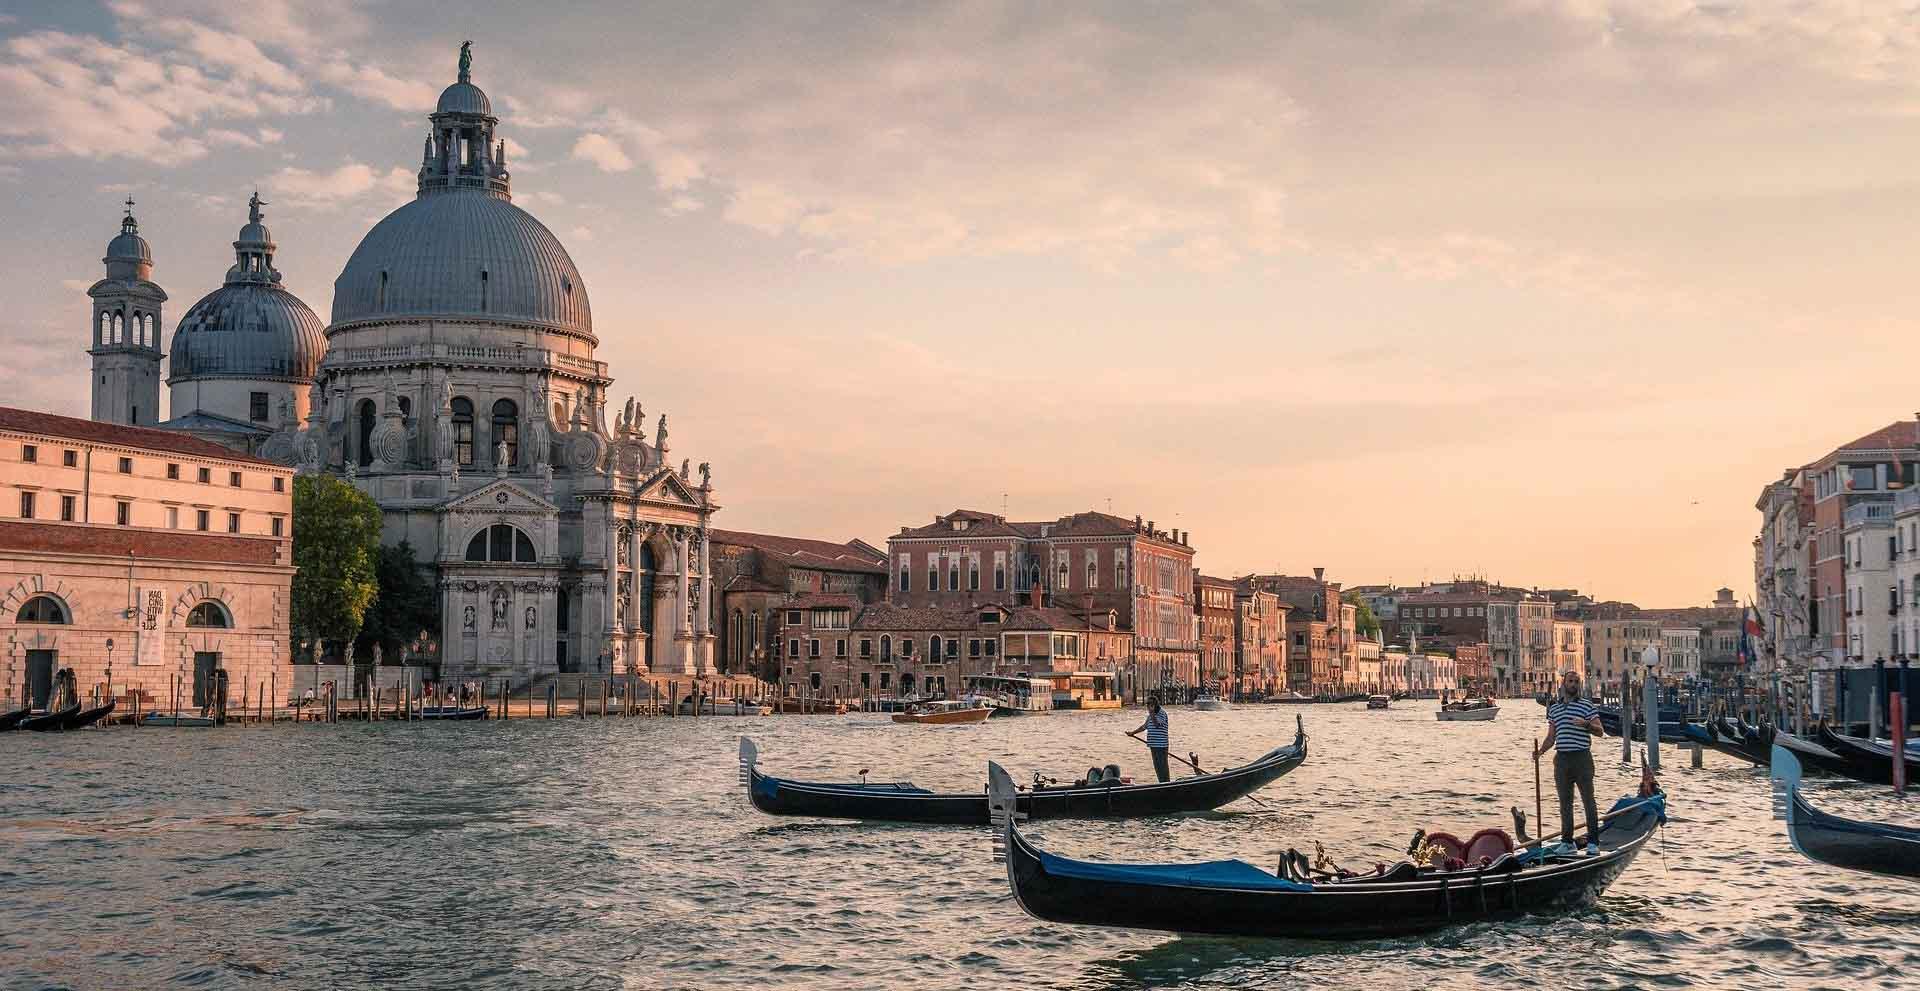 venezia era una tappa del grand tour